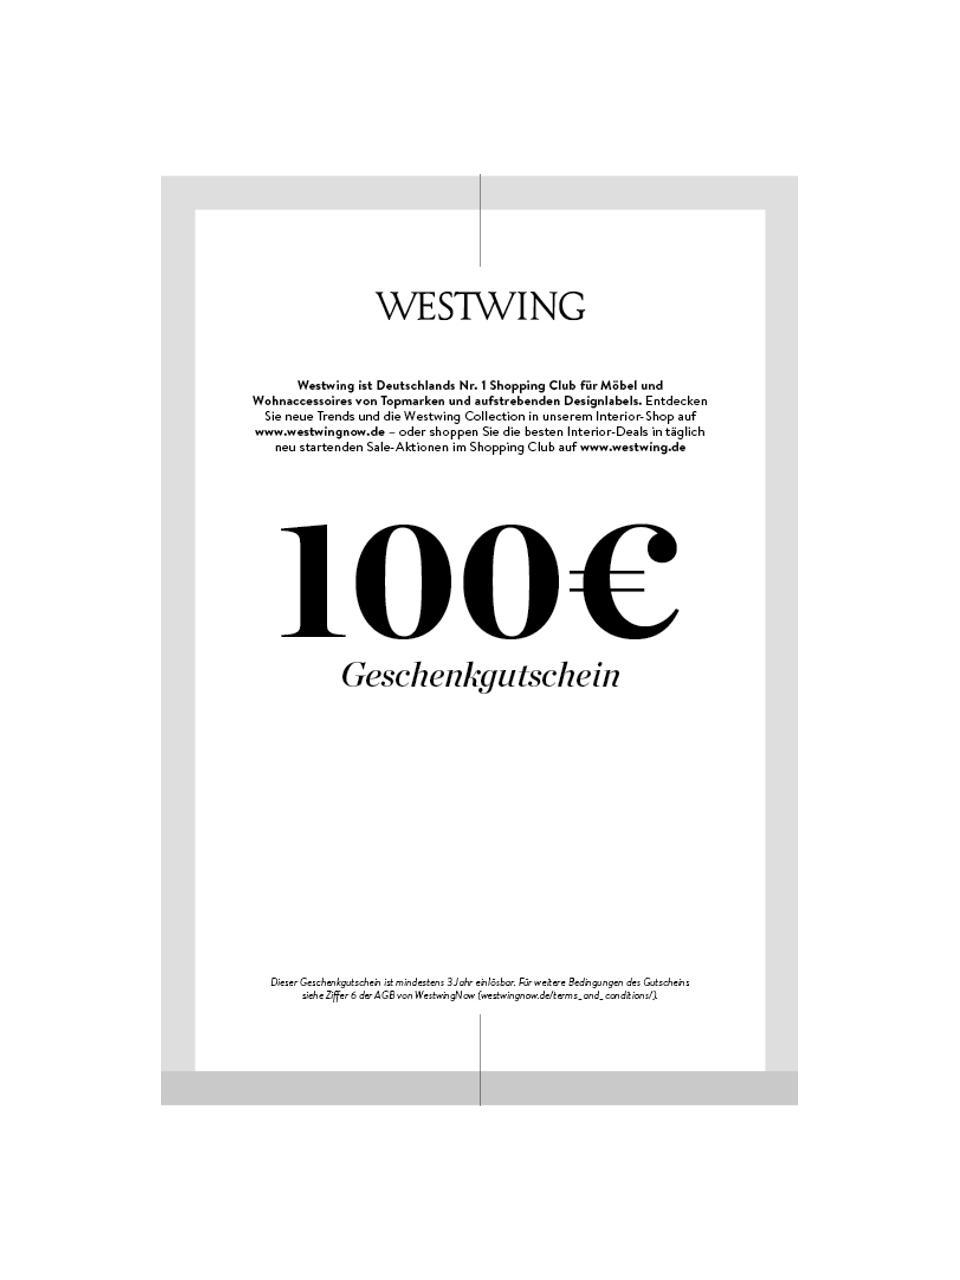 Gutschein zum Ausdrucken, Digitaler Gutschein, nach Zahlungseingang erhalten Sie eine E-Mail mit dem Link zu Ihrem Gutschein. Einfach PDF-Datei abspeichern und ausdrucken., Türkis, 100